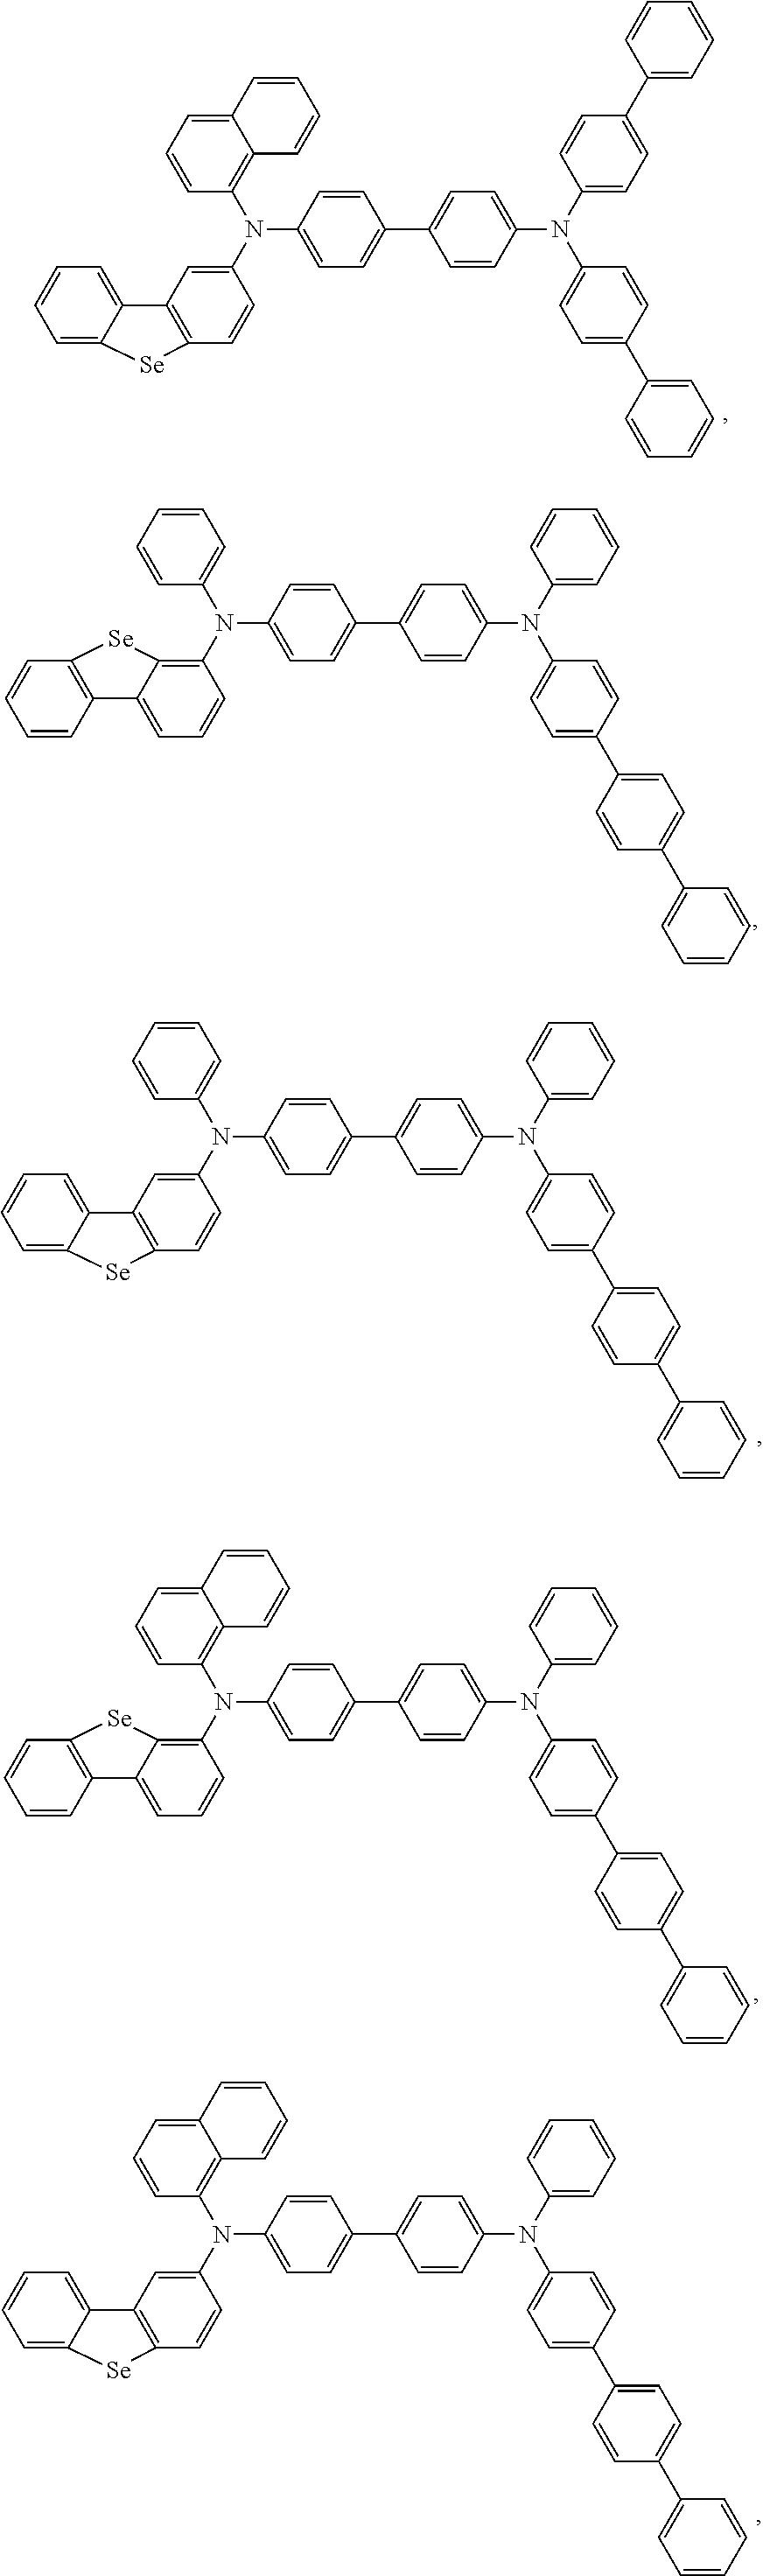 Figure US09455411-20160927-C00225